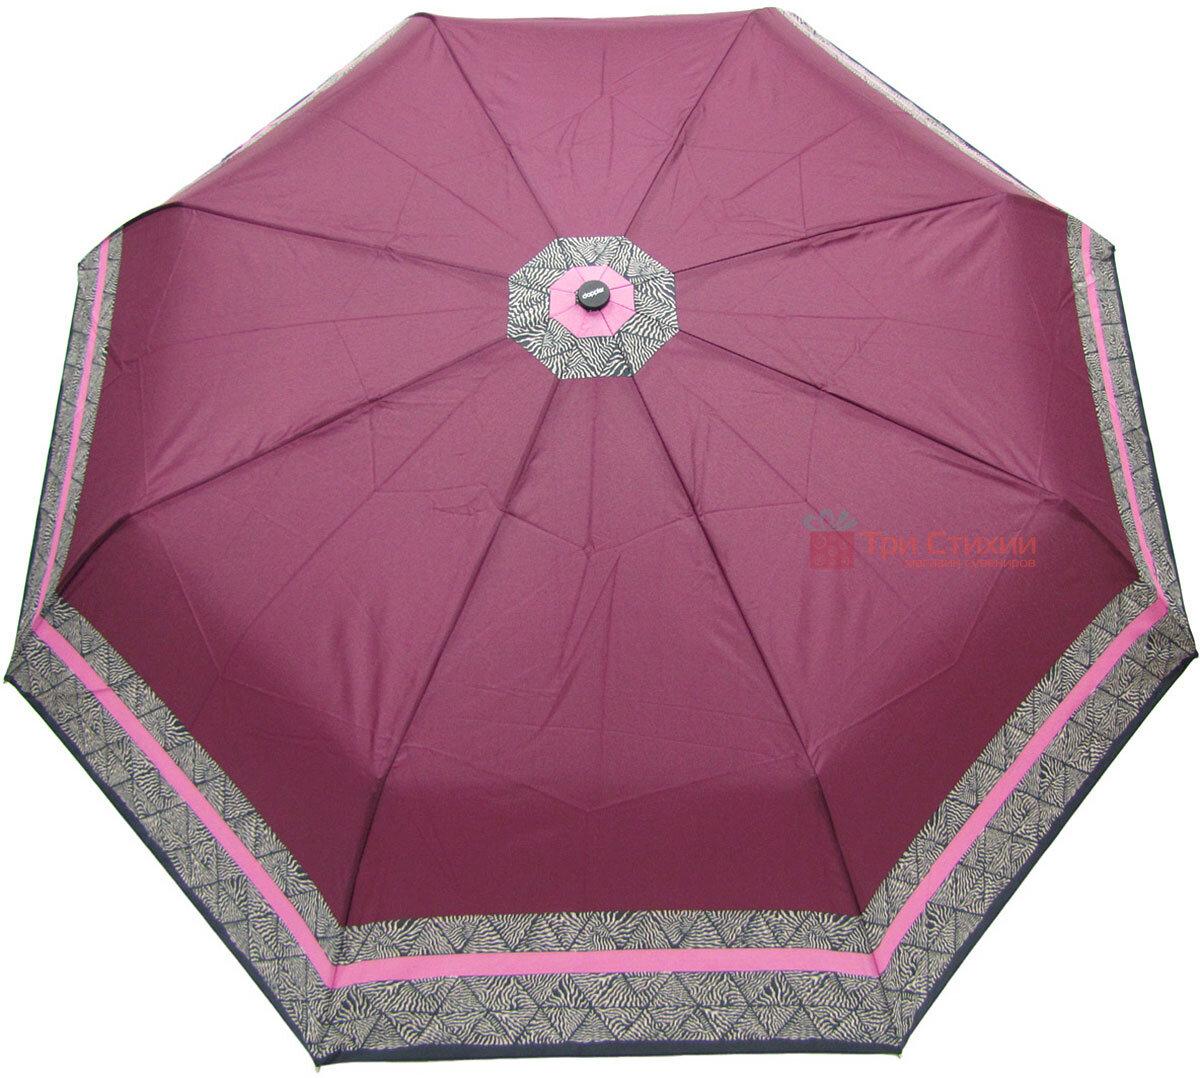 Зонт складной Doppler 7301653003-1 полуавтомат Бордовый Кант, фото 2